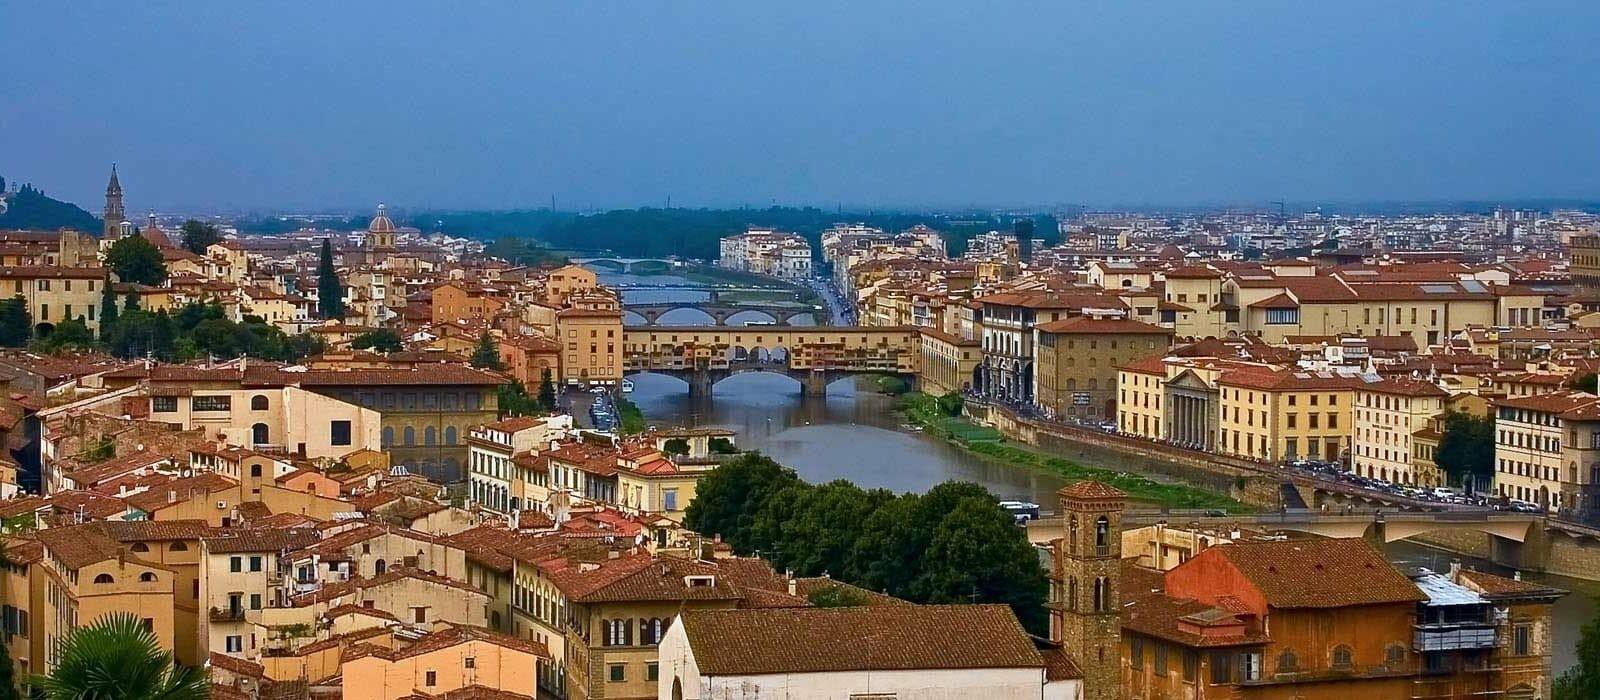 Firenze, Guida e suggerimenti di qualità per vivere la città. Qualità, cortesia, simpatia, professionalità. Sia in città che immediatamente fuori.